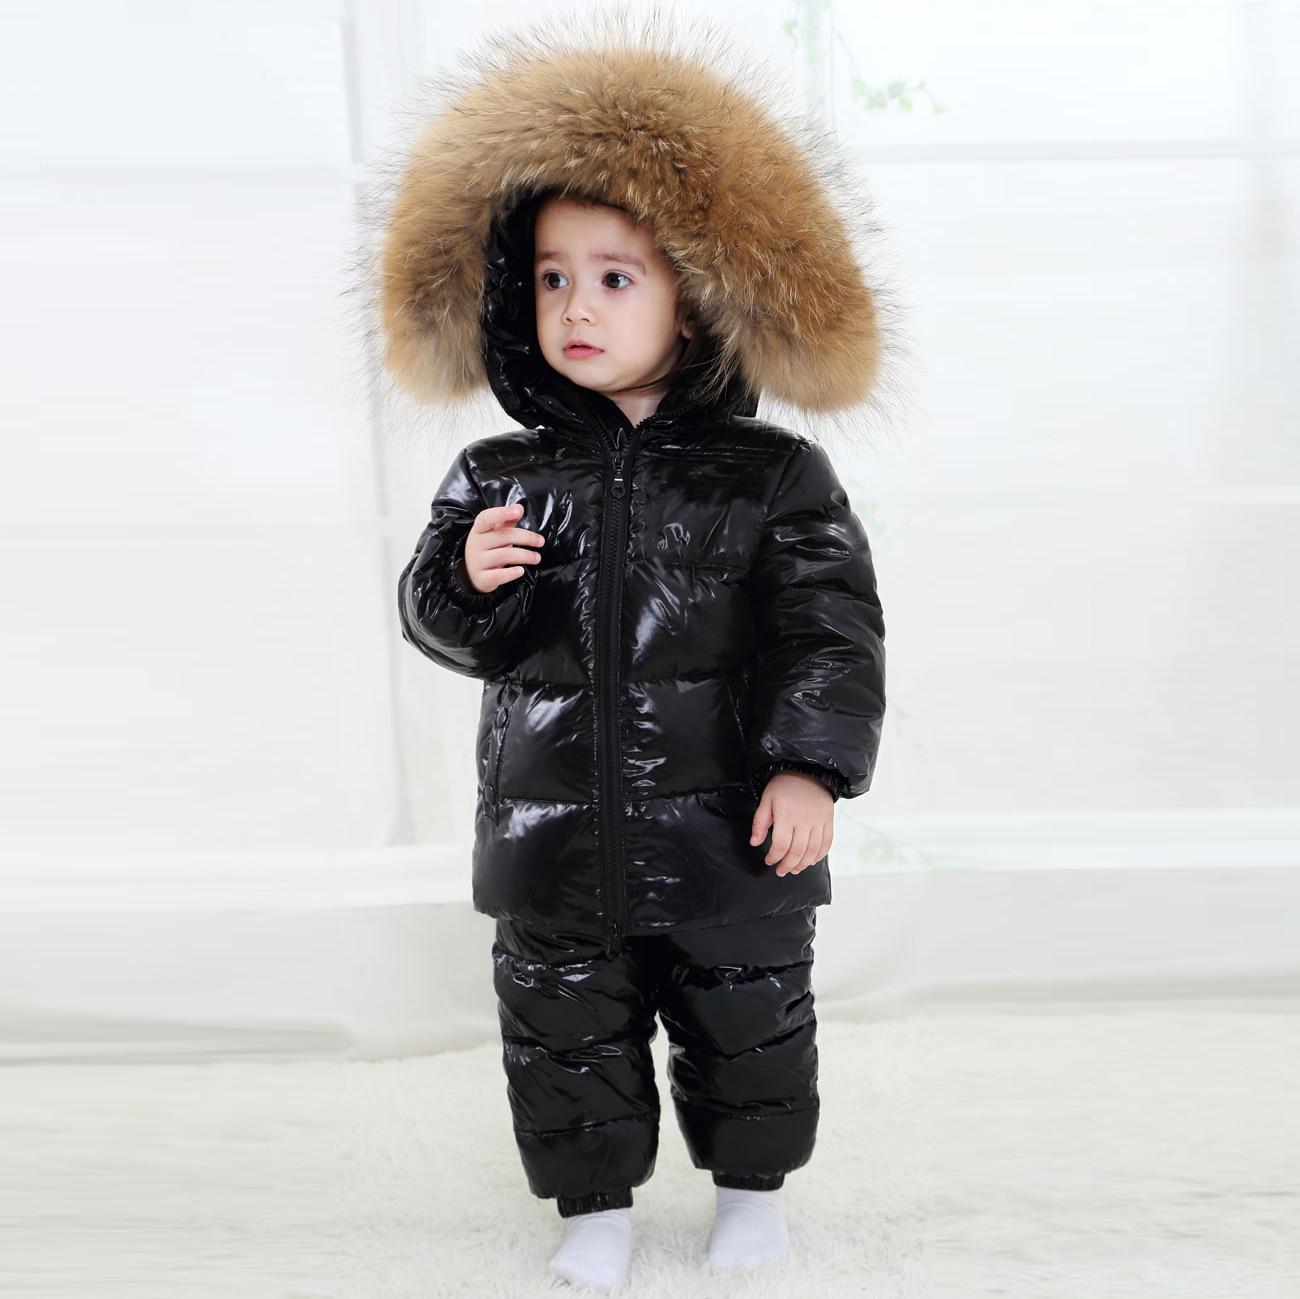 2018 новый комплект детской одежды России зимние Утепленные зимний комбинезон От 2 до 6 лет мальчиков 90% белого утиного пуха Одежда для девочек